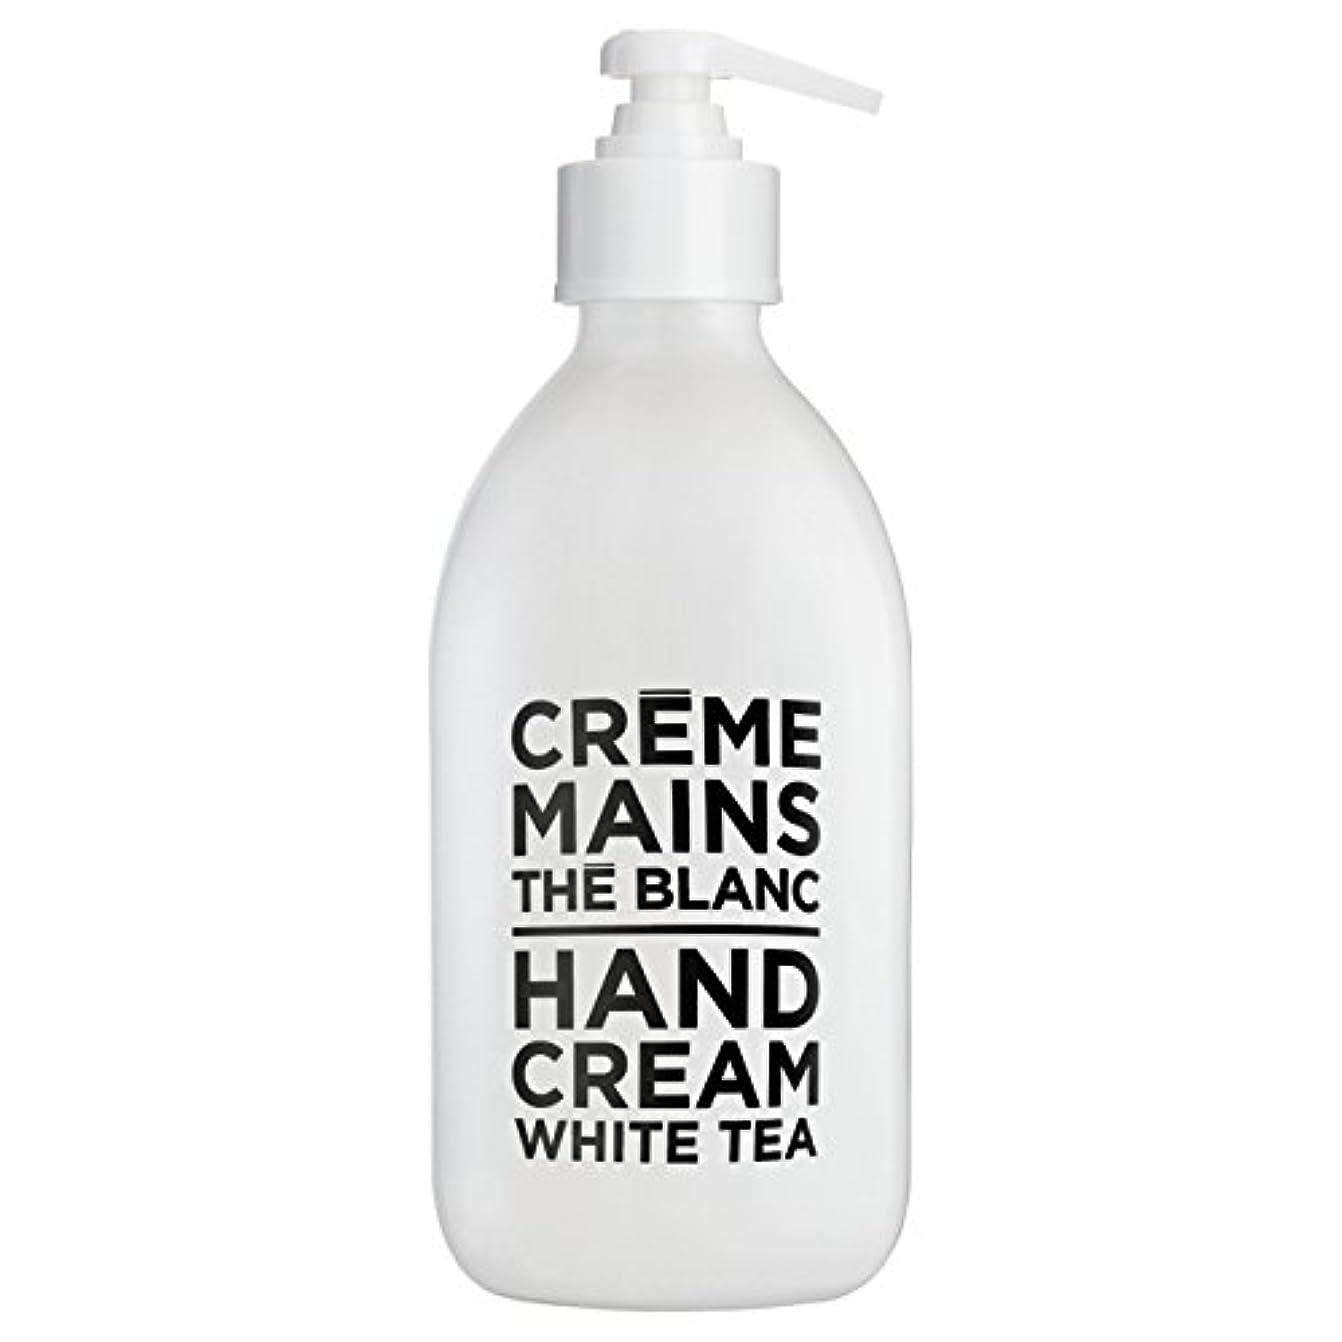 ジャンクション眠いですうつカンパニードプロバンス ブラック&ホワイト ハンドクリーム ホワイトティー(ホワイトティーにシトラスを添えた気品ある香り) 300ml